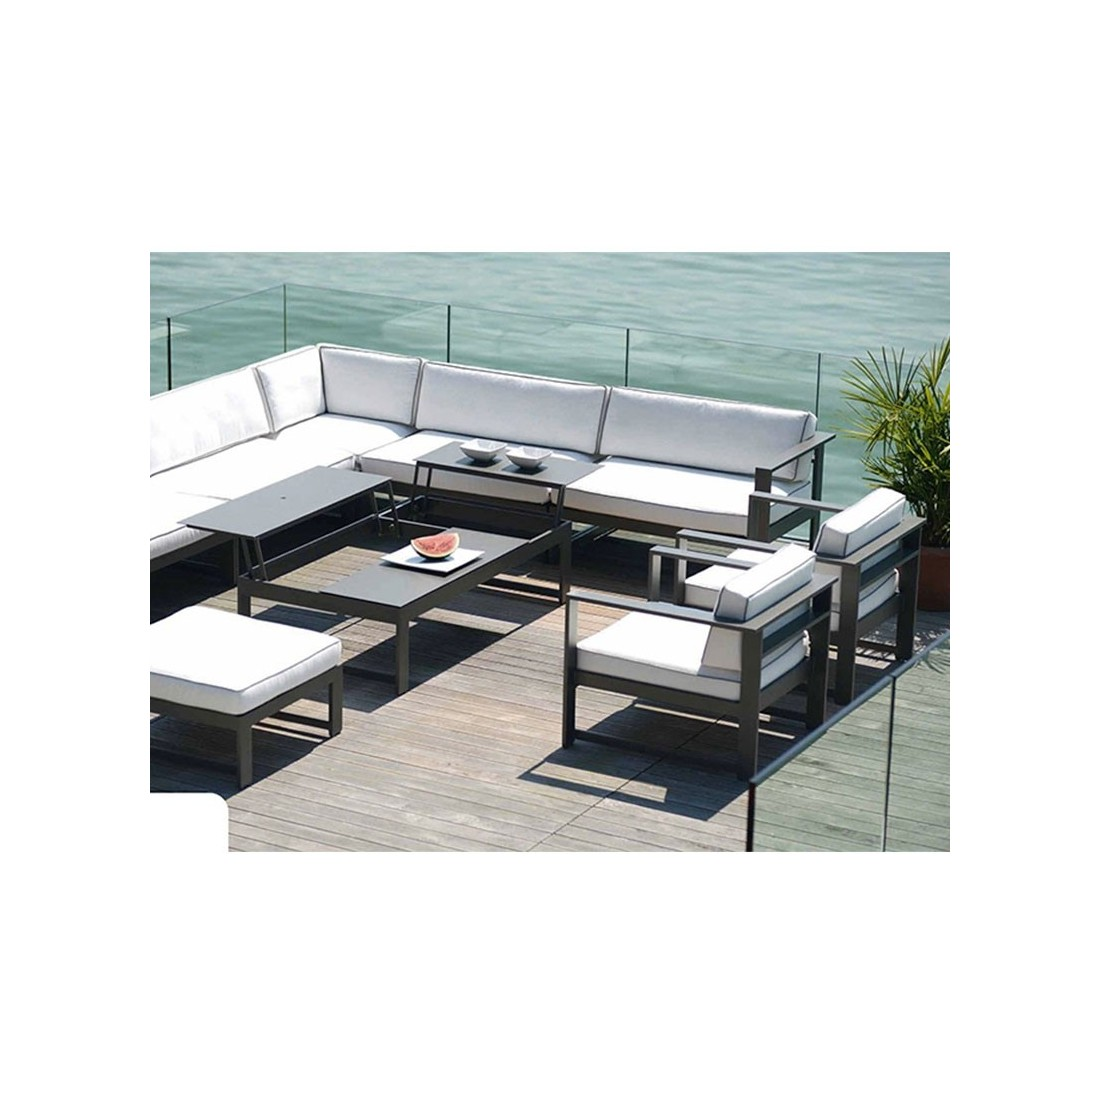 Salon De Jardin Havana Lounge | Offers From All Over The Province ...